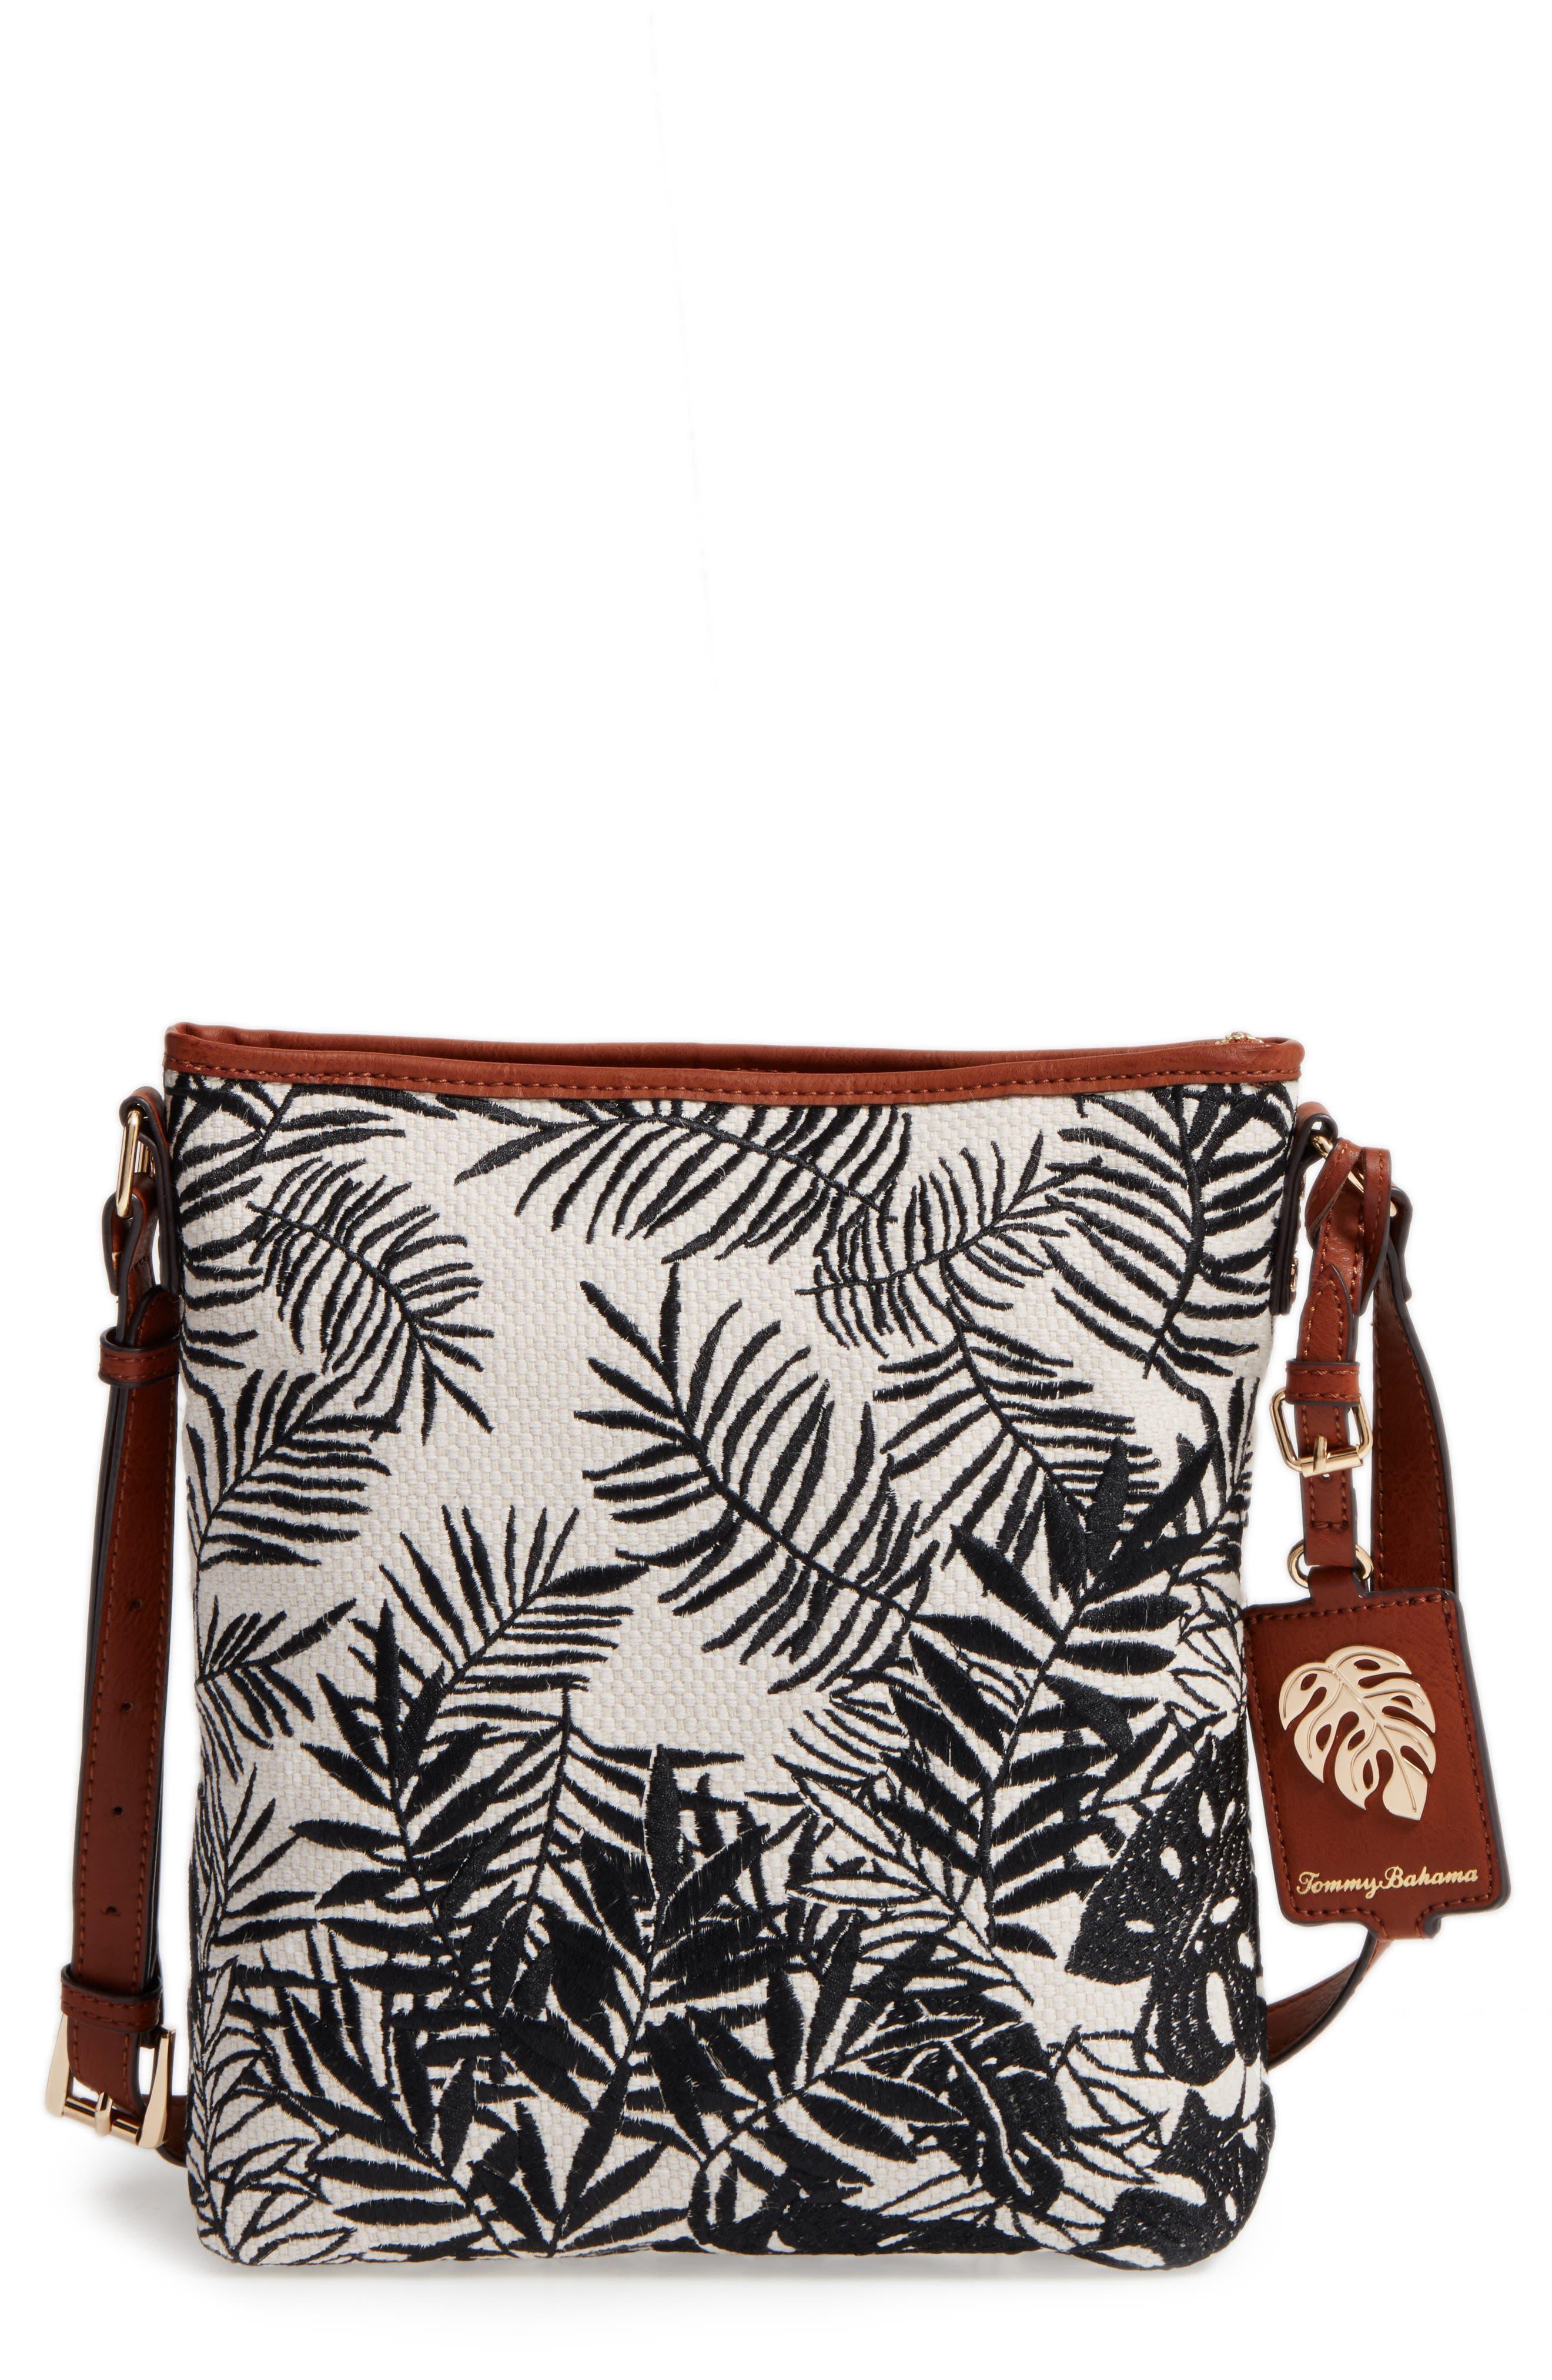 Tommy Bahama Palm Beach Crossbody Bag